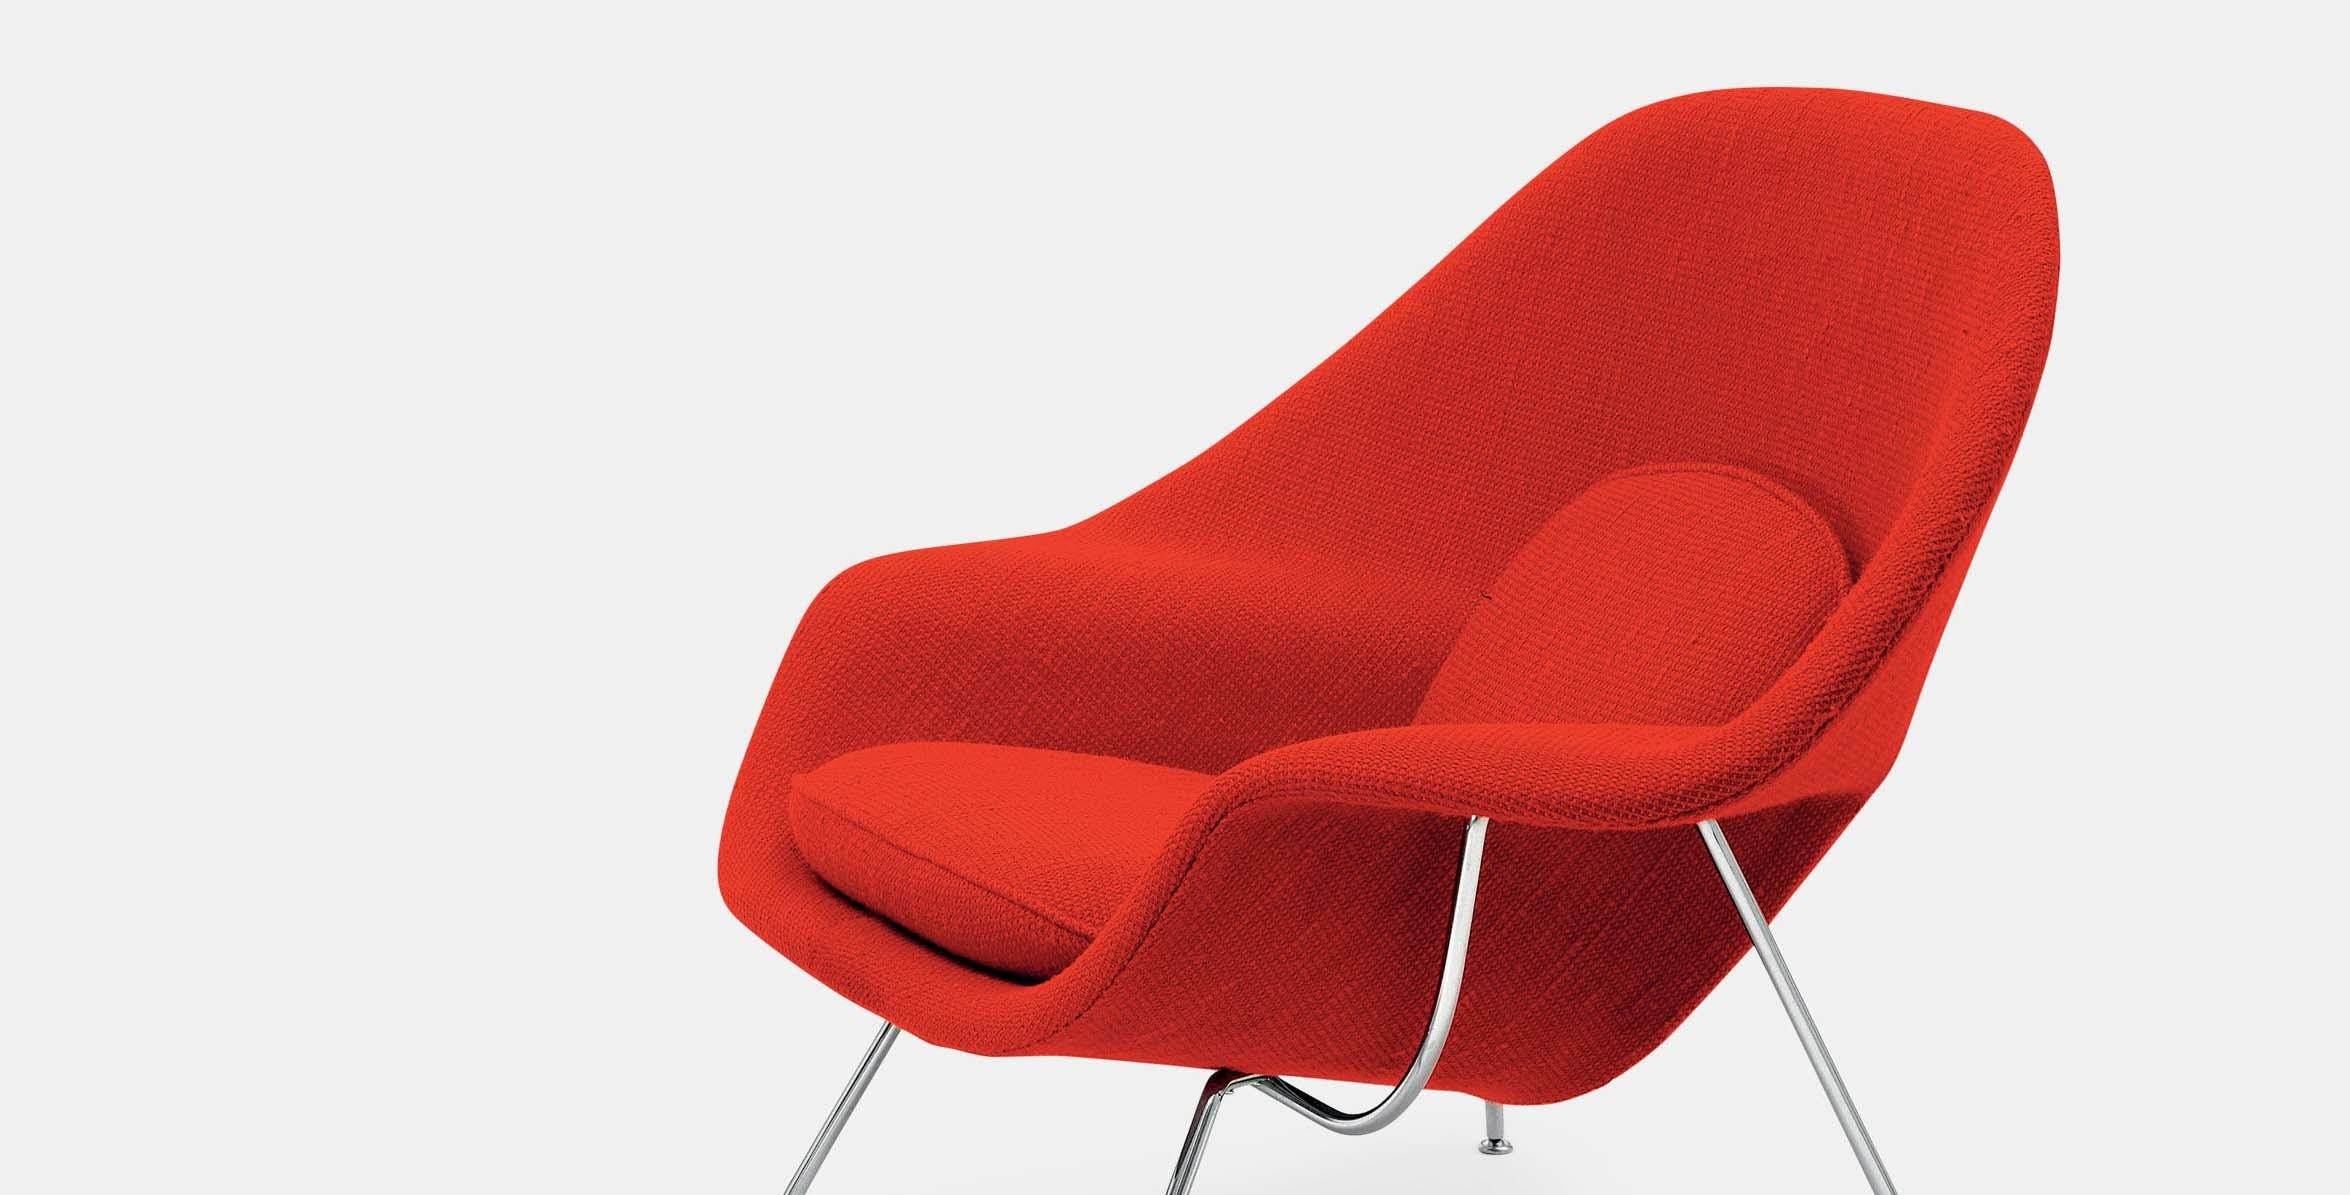 Designer Eero Saarinen